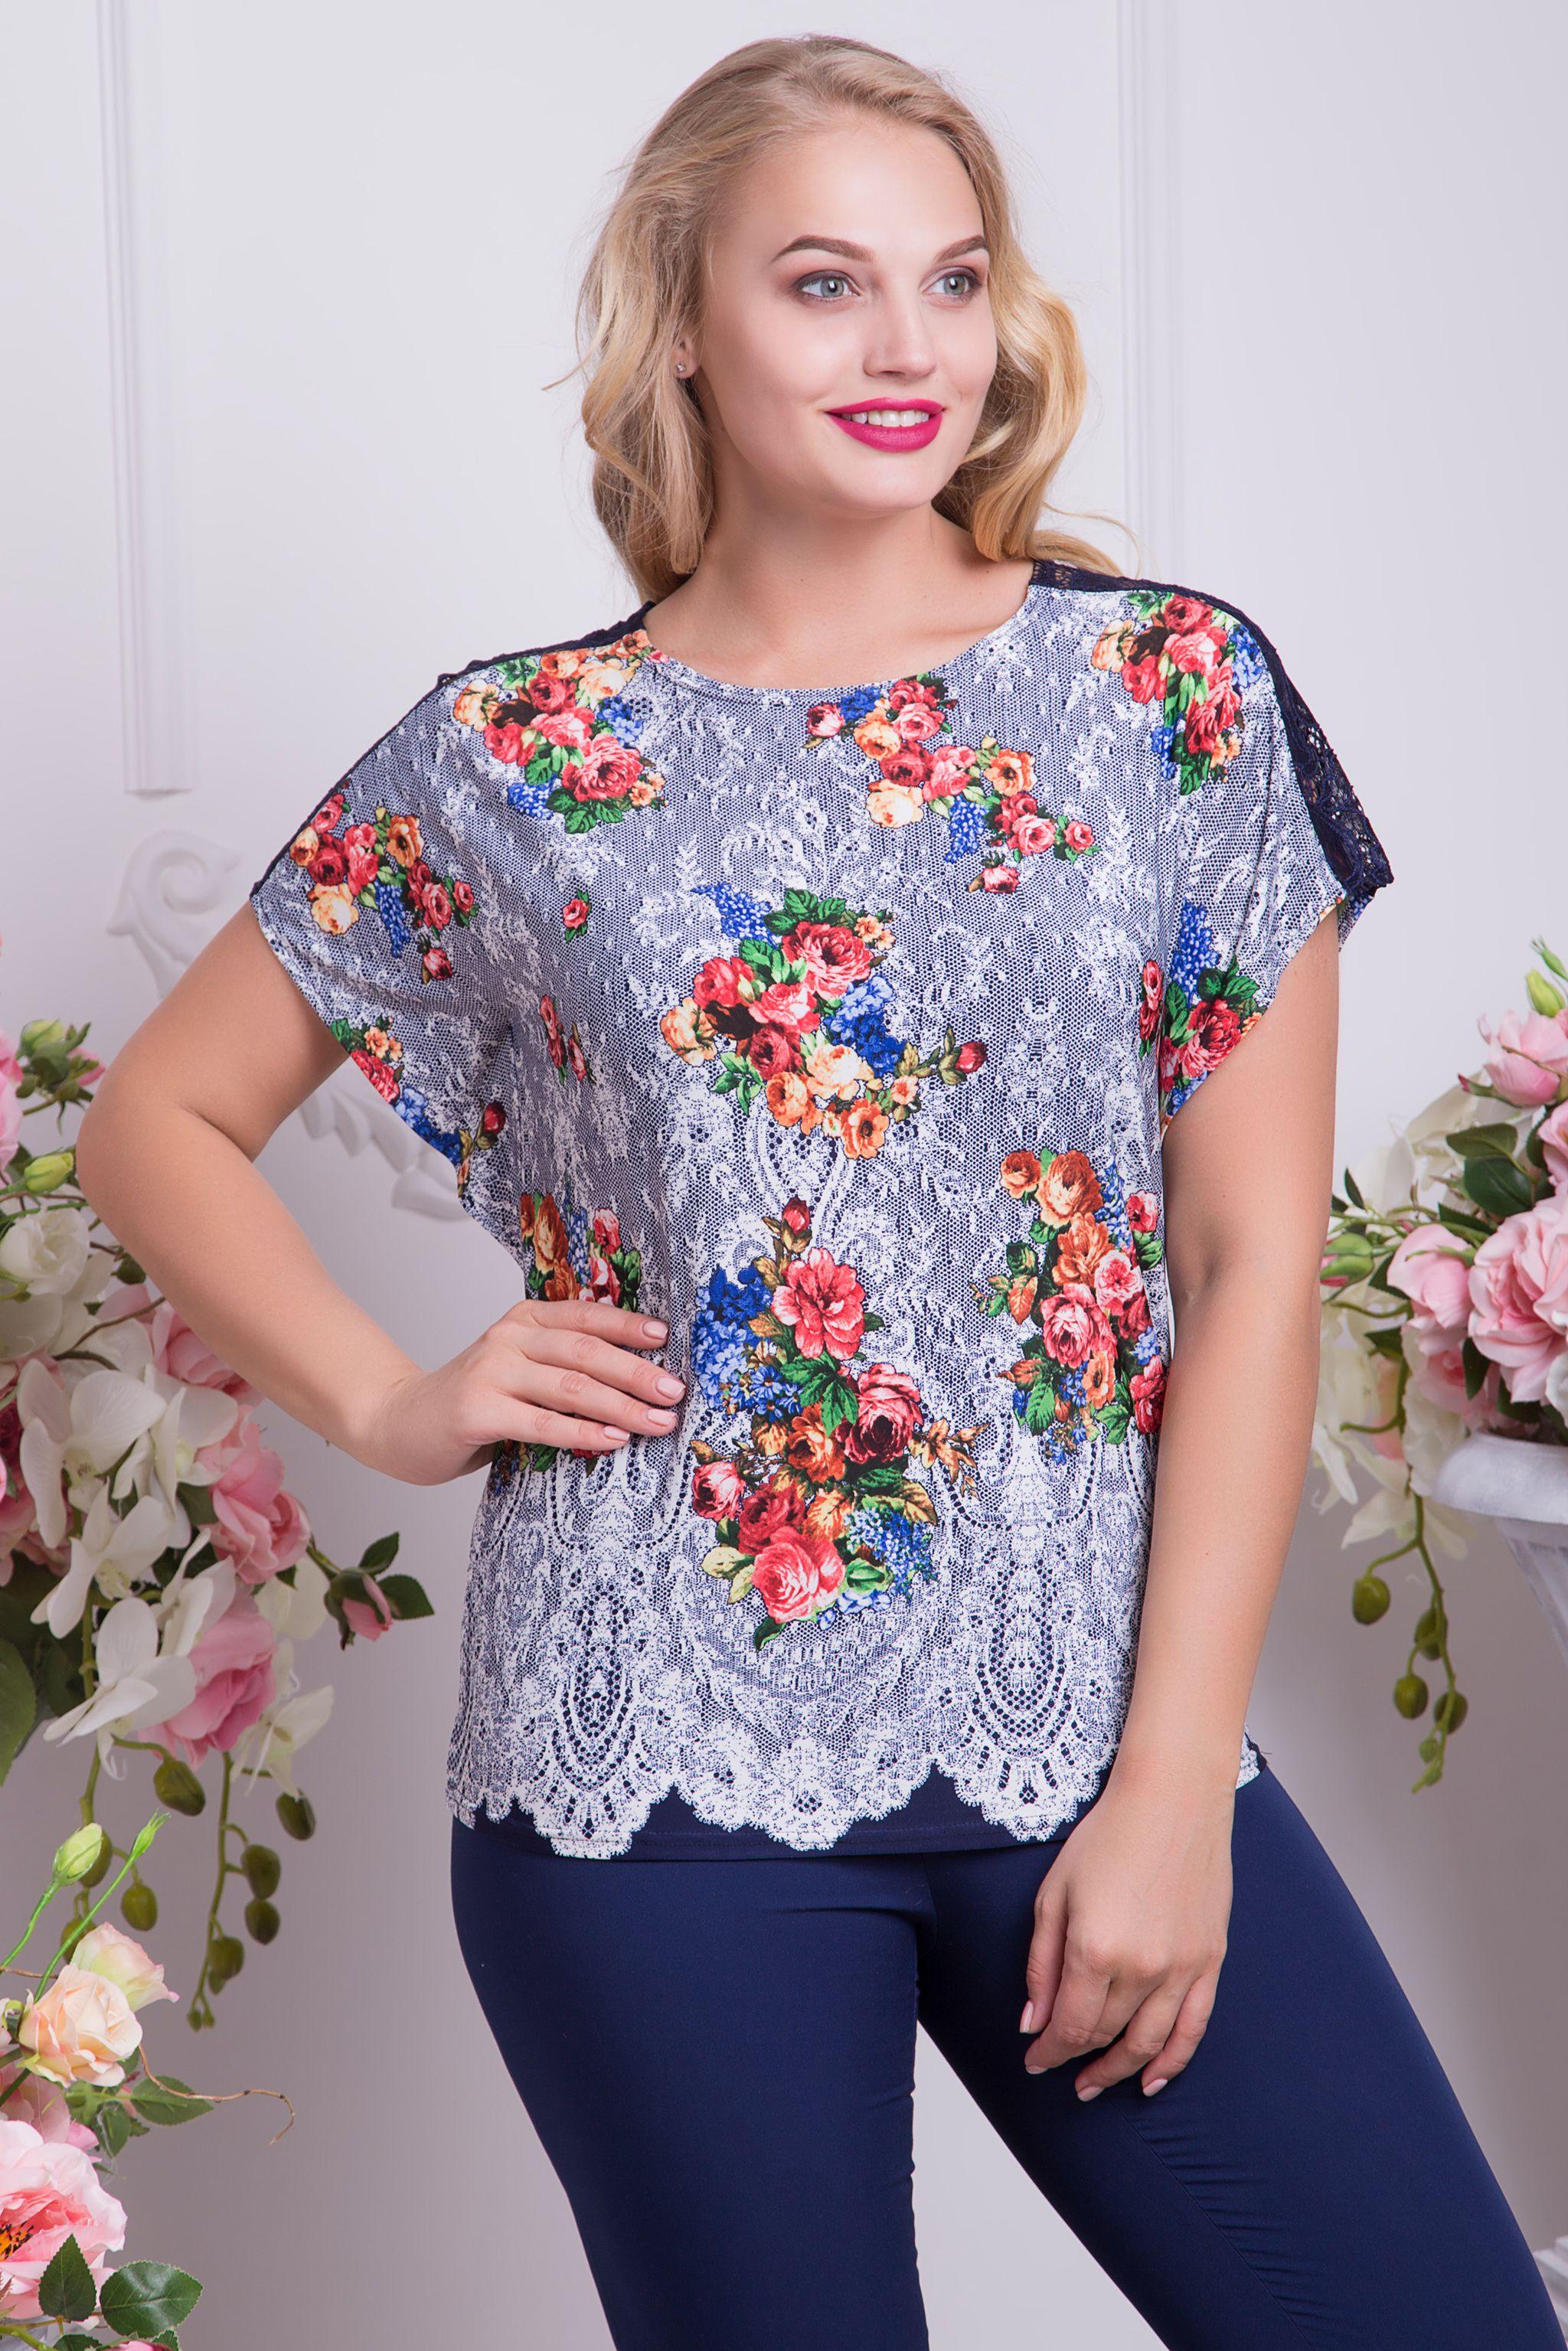 b03e5b9d3af4b03 ... Летняя коллекция одежды для полных пользователя ТМ ALL POSA женская  одежда оптом. Теги. Цветочные Топы · Цветочные Топы